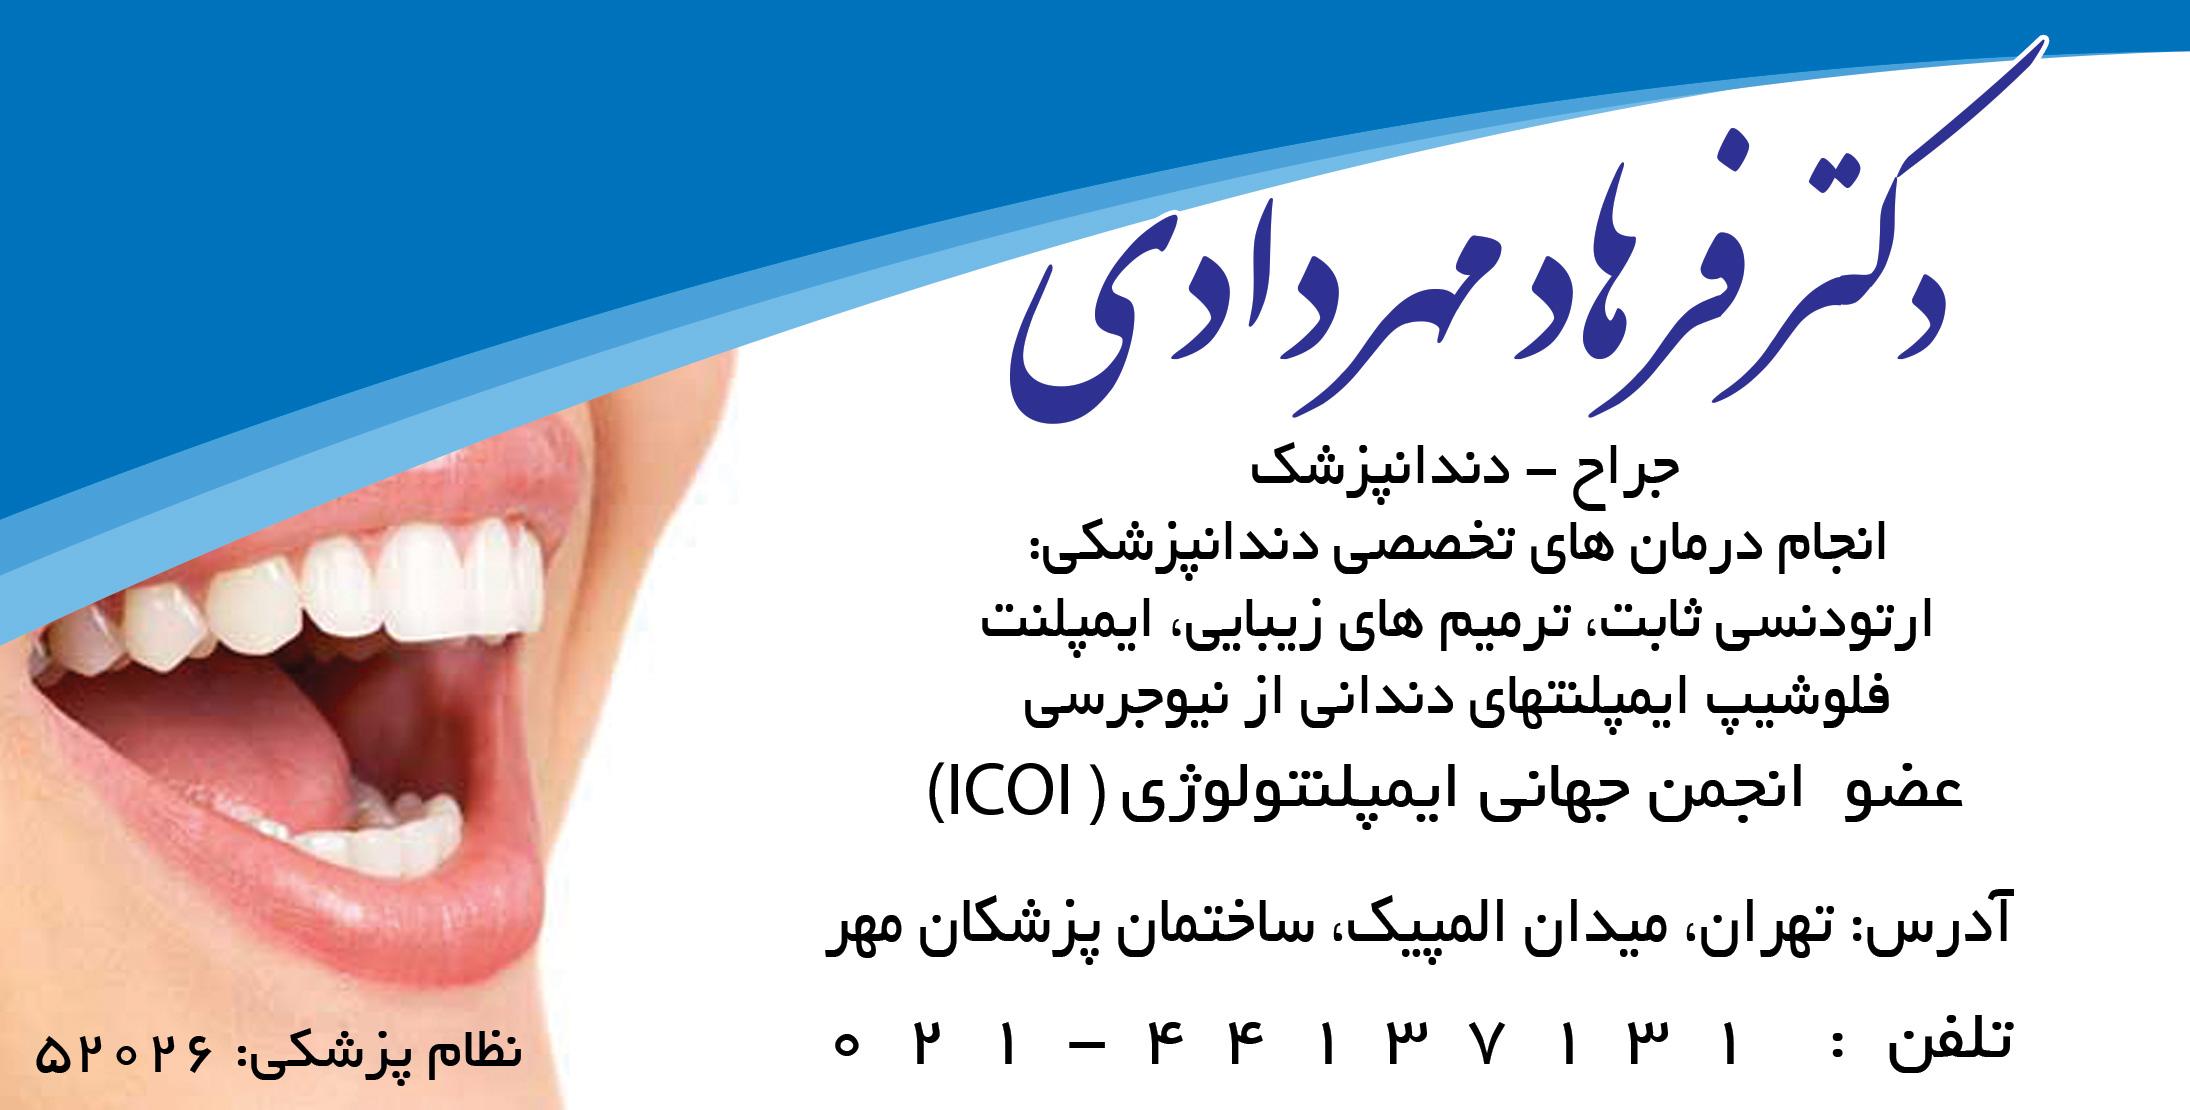 دکتر فرهاد مهردادی در تهران